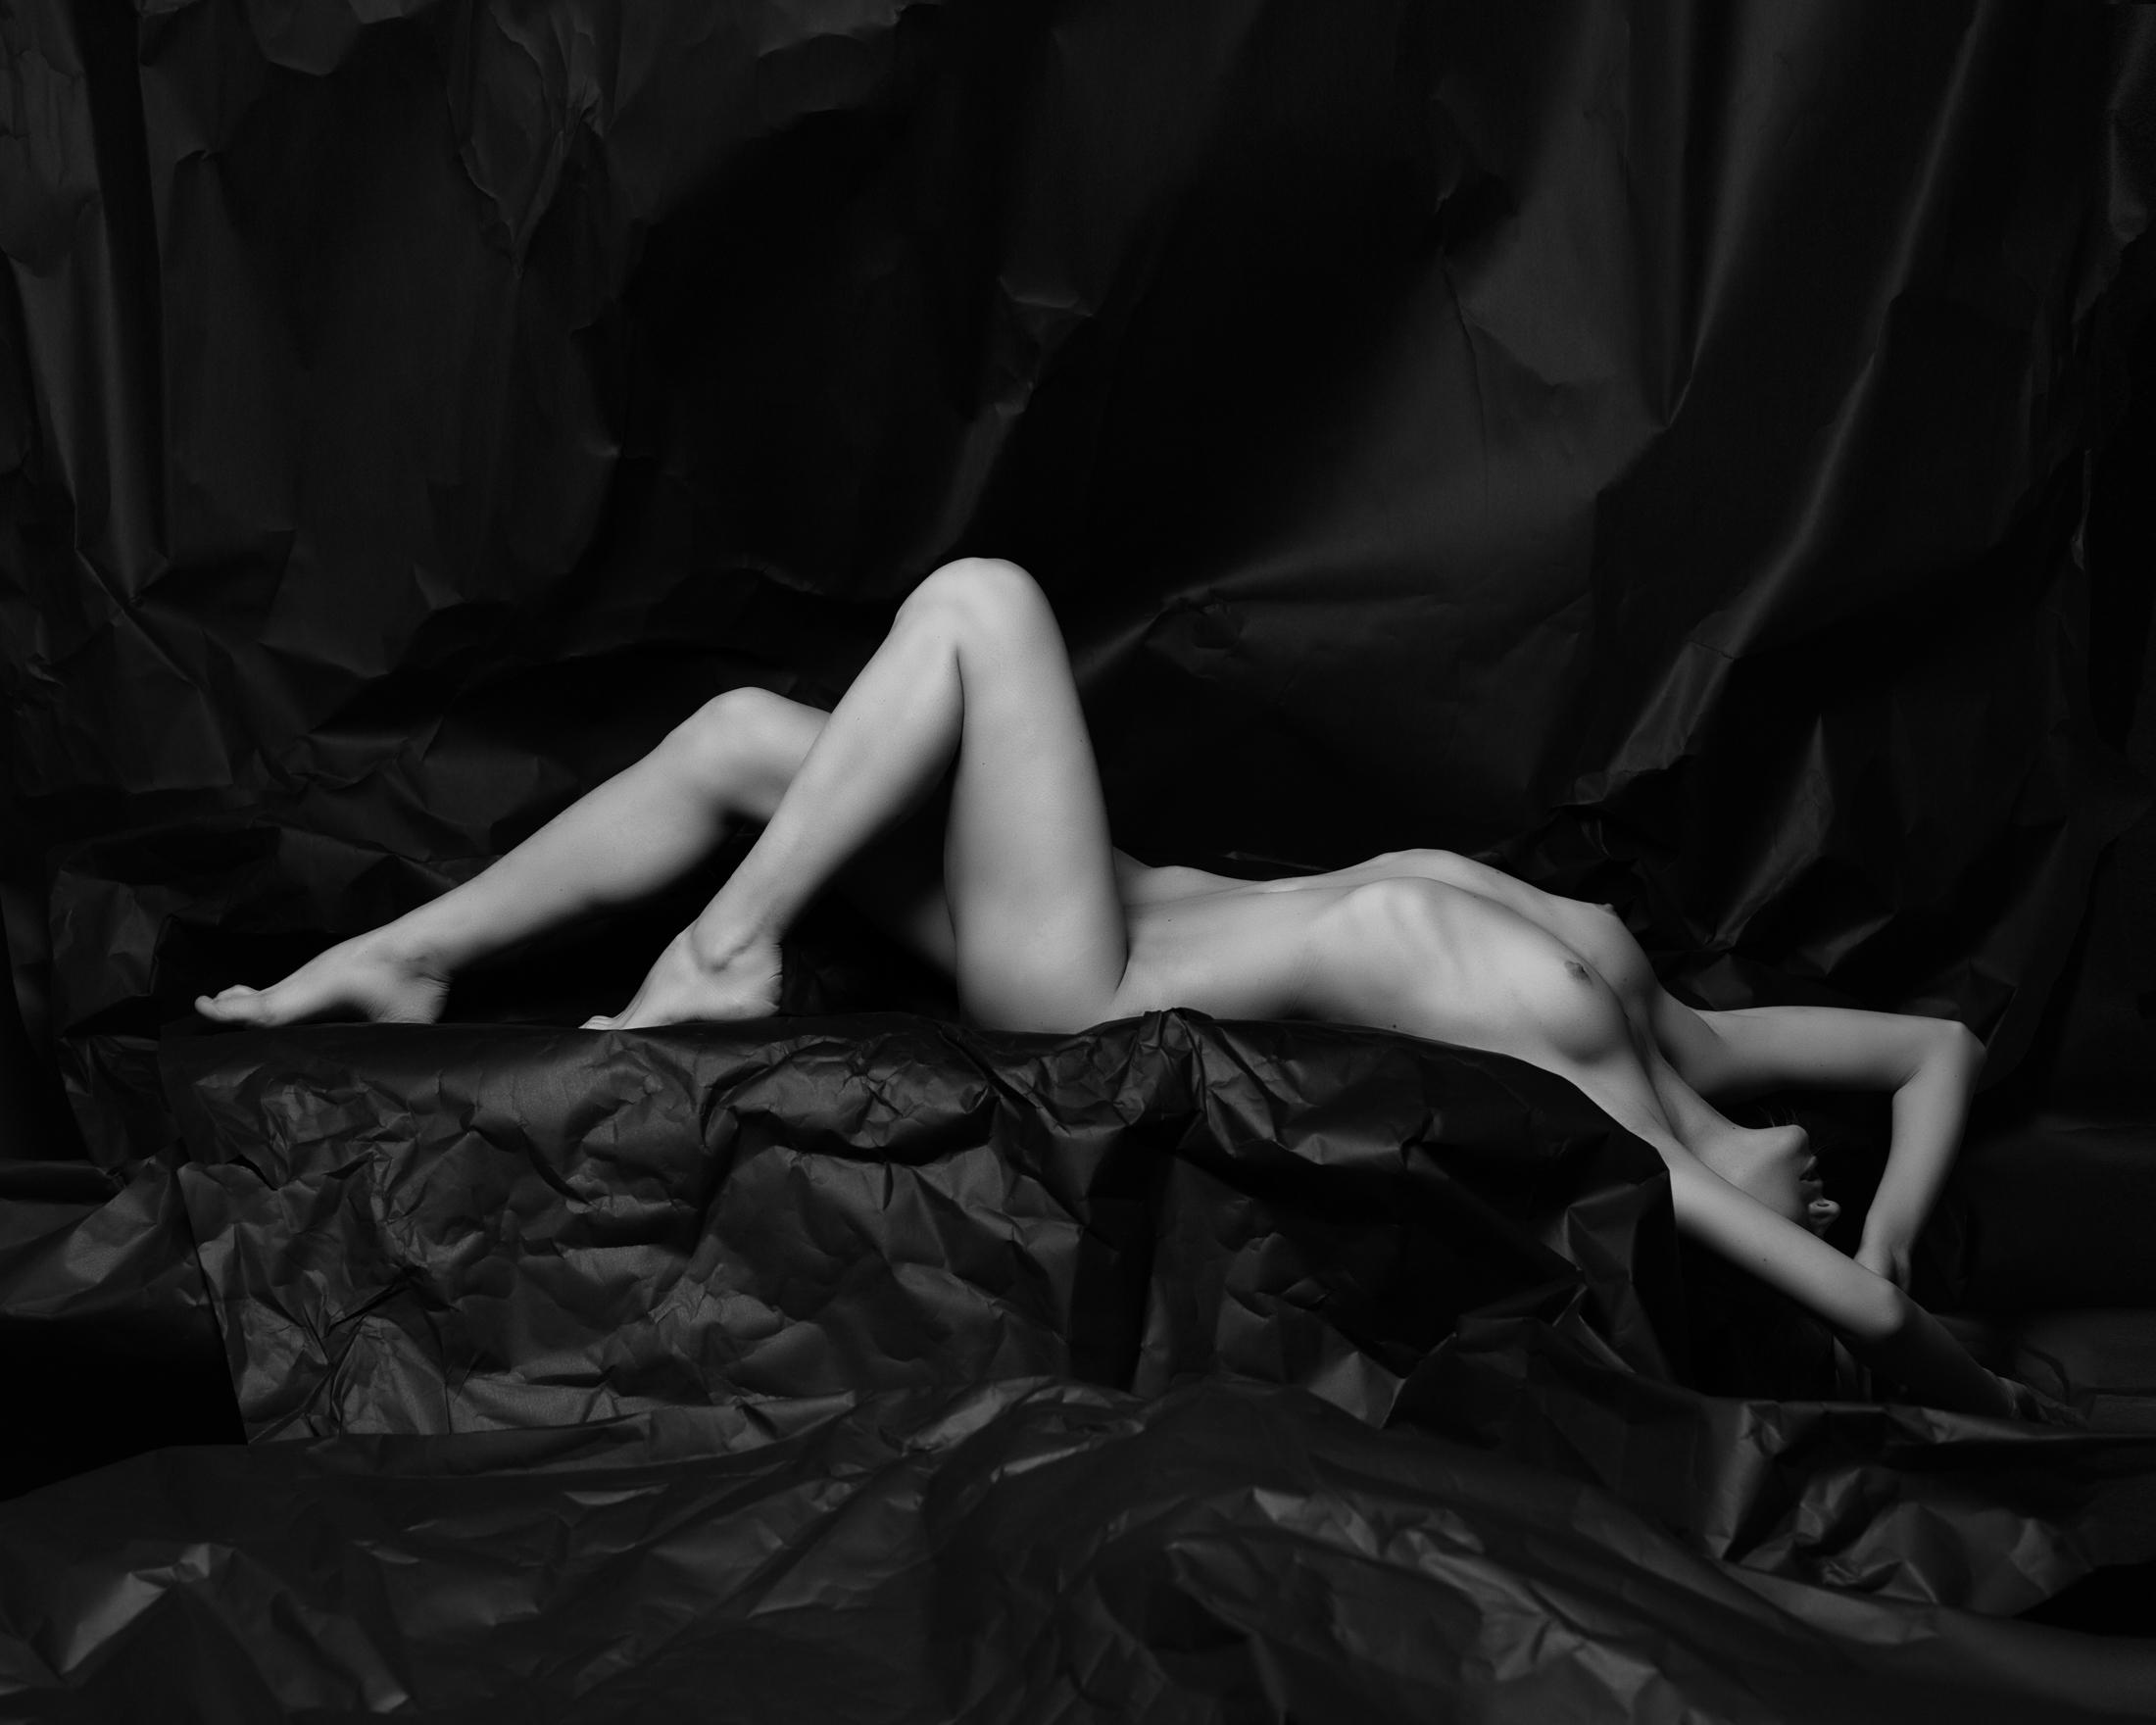 vlada sculptural nude in studio in frankfurt 03